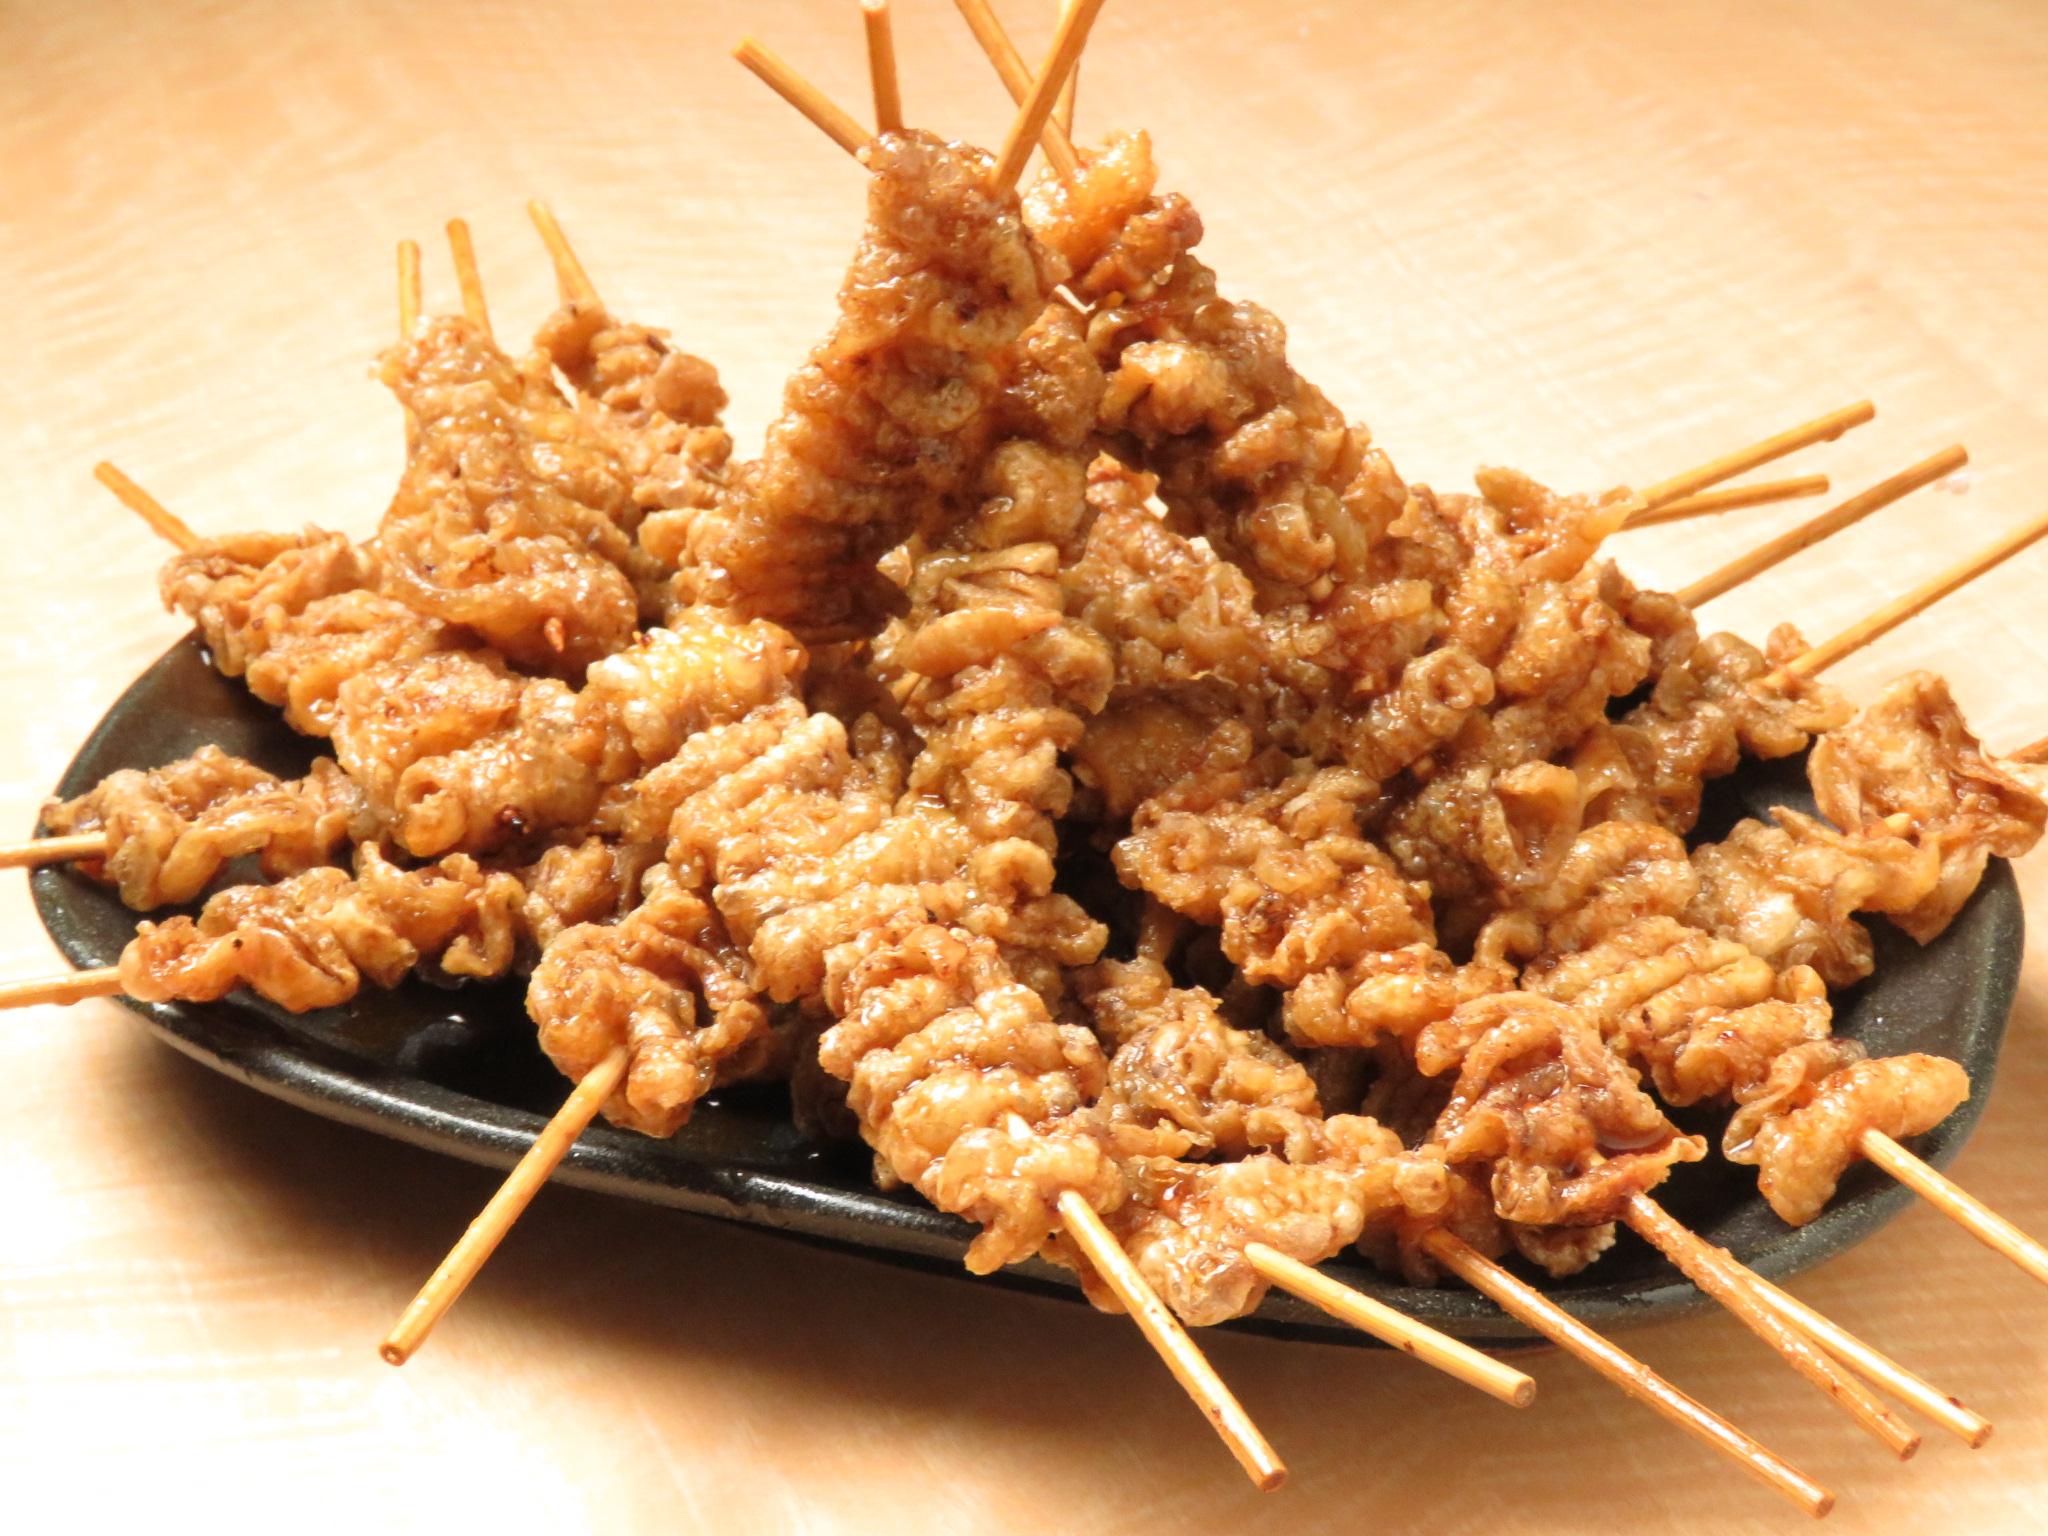 【餃子のとりいちず酒場 高円寺北口店】の鶏料理